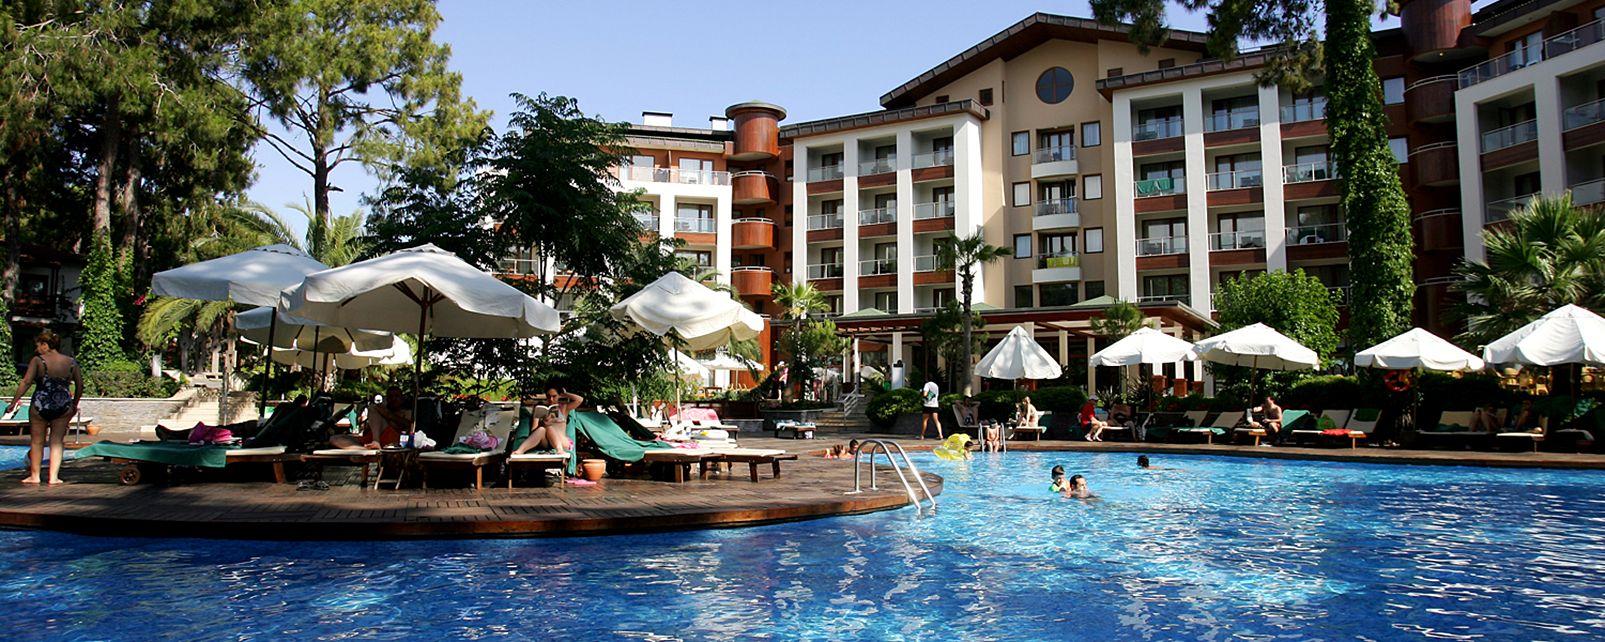 Hotel Voyage Belek